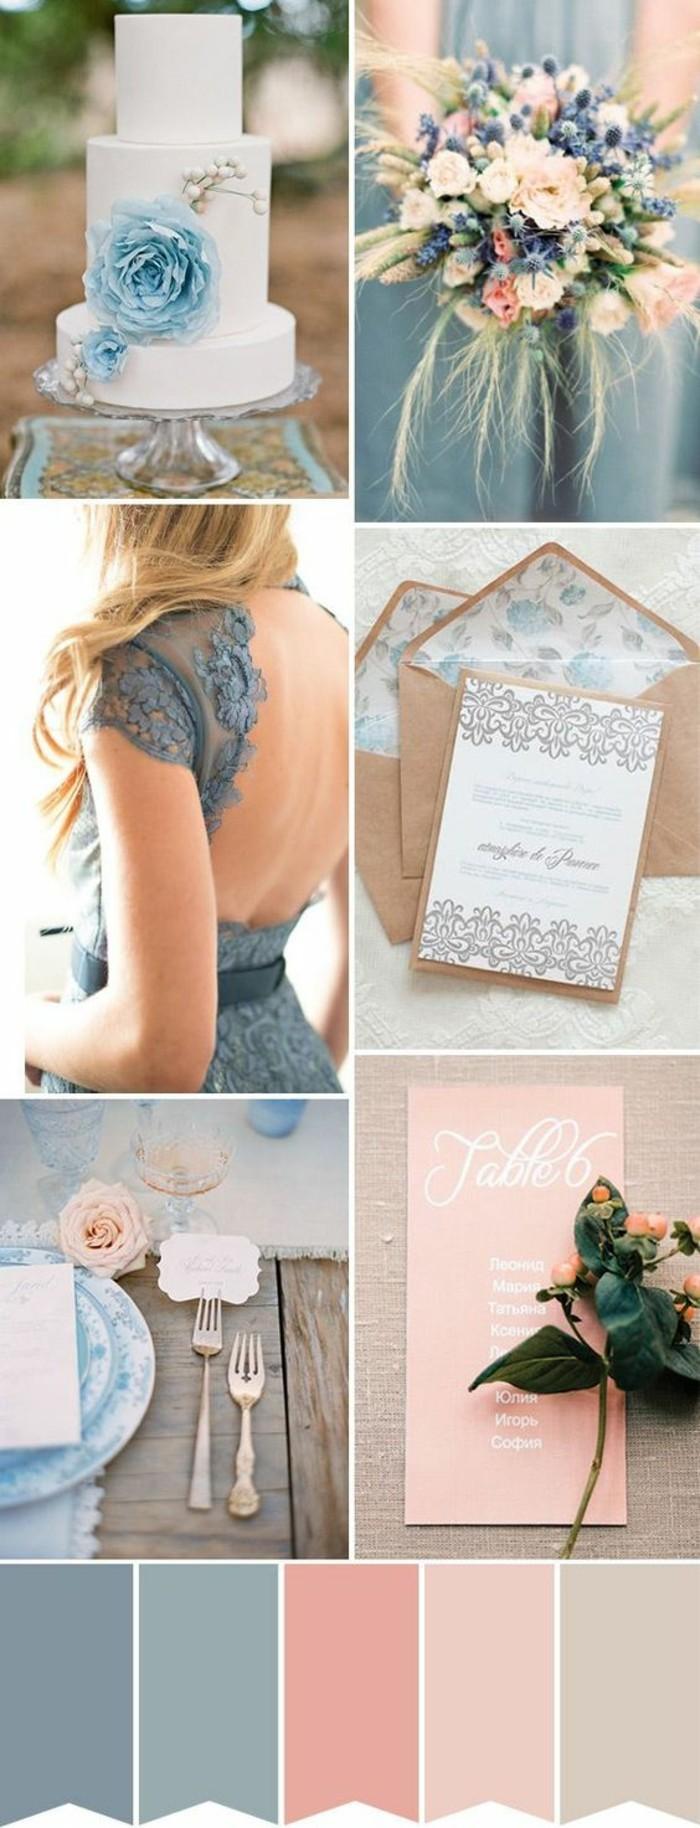 theme-mariage-amour-et-romantique-vert-anis-couleur-mariage-de-couleur-idees-decoration-mariage